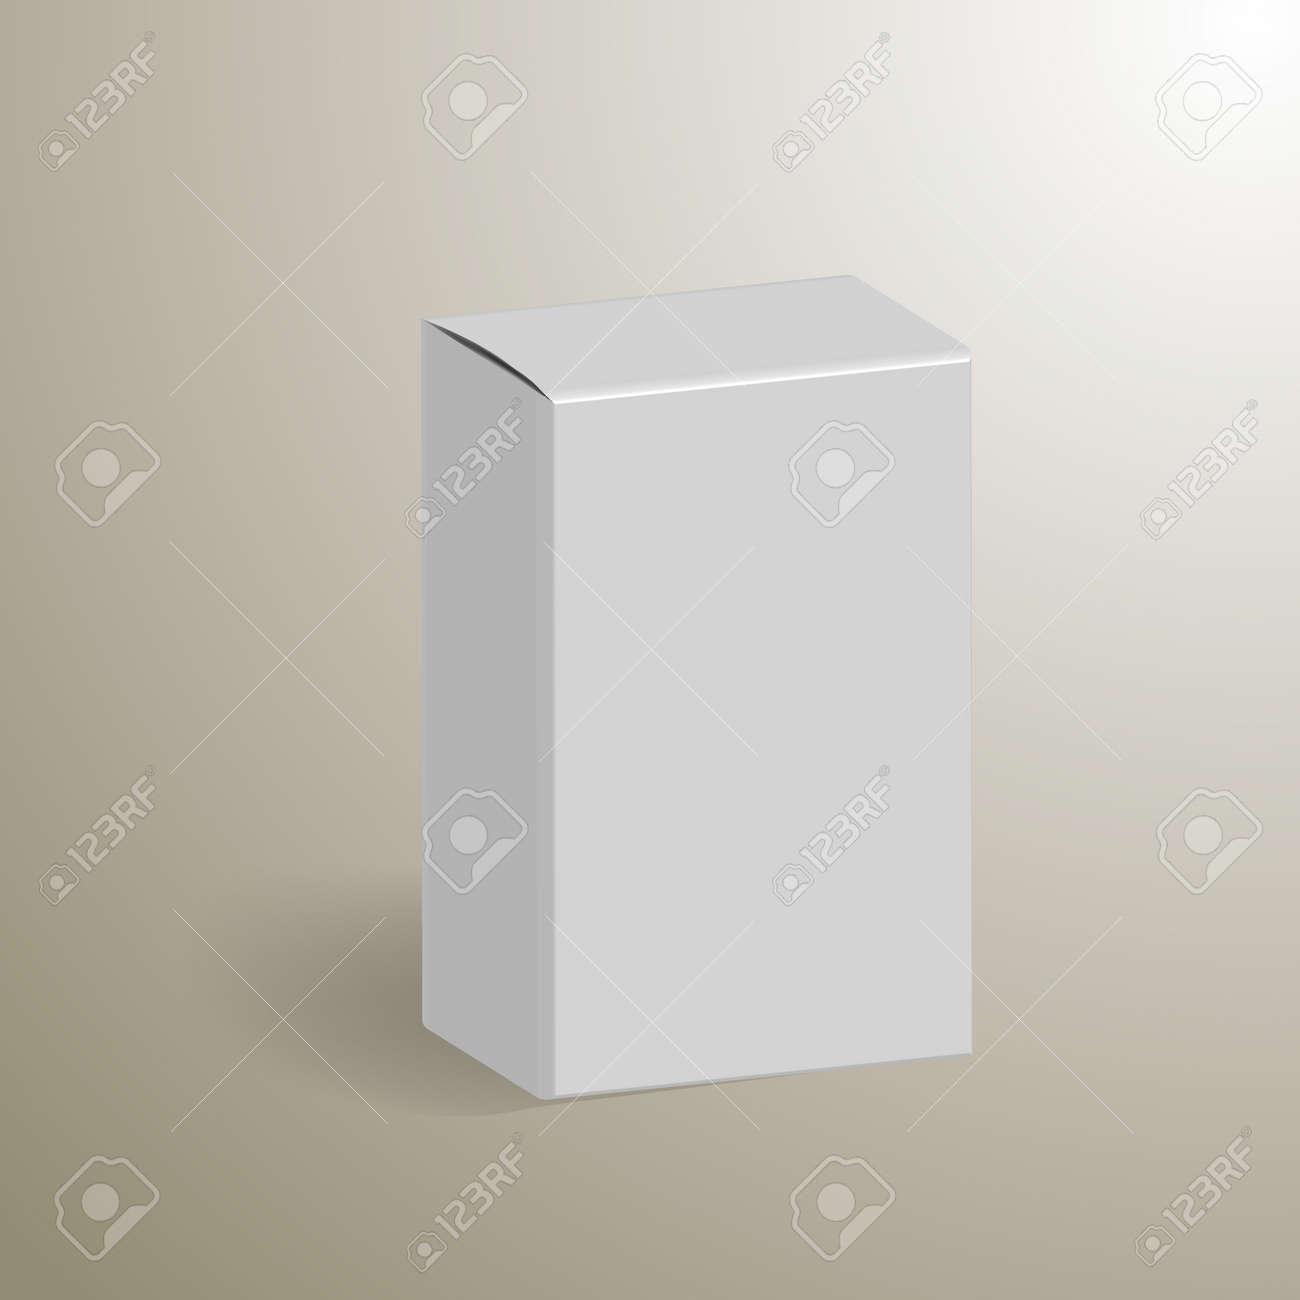 Blanco Producto Caja De Cartón Del Paquete. Mock Listo Plantilla ...